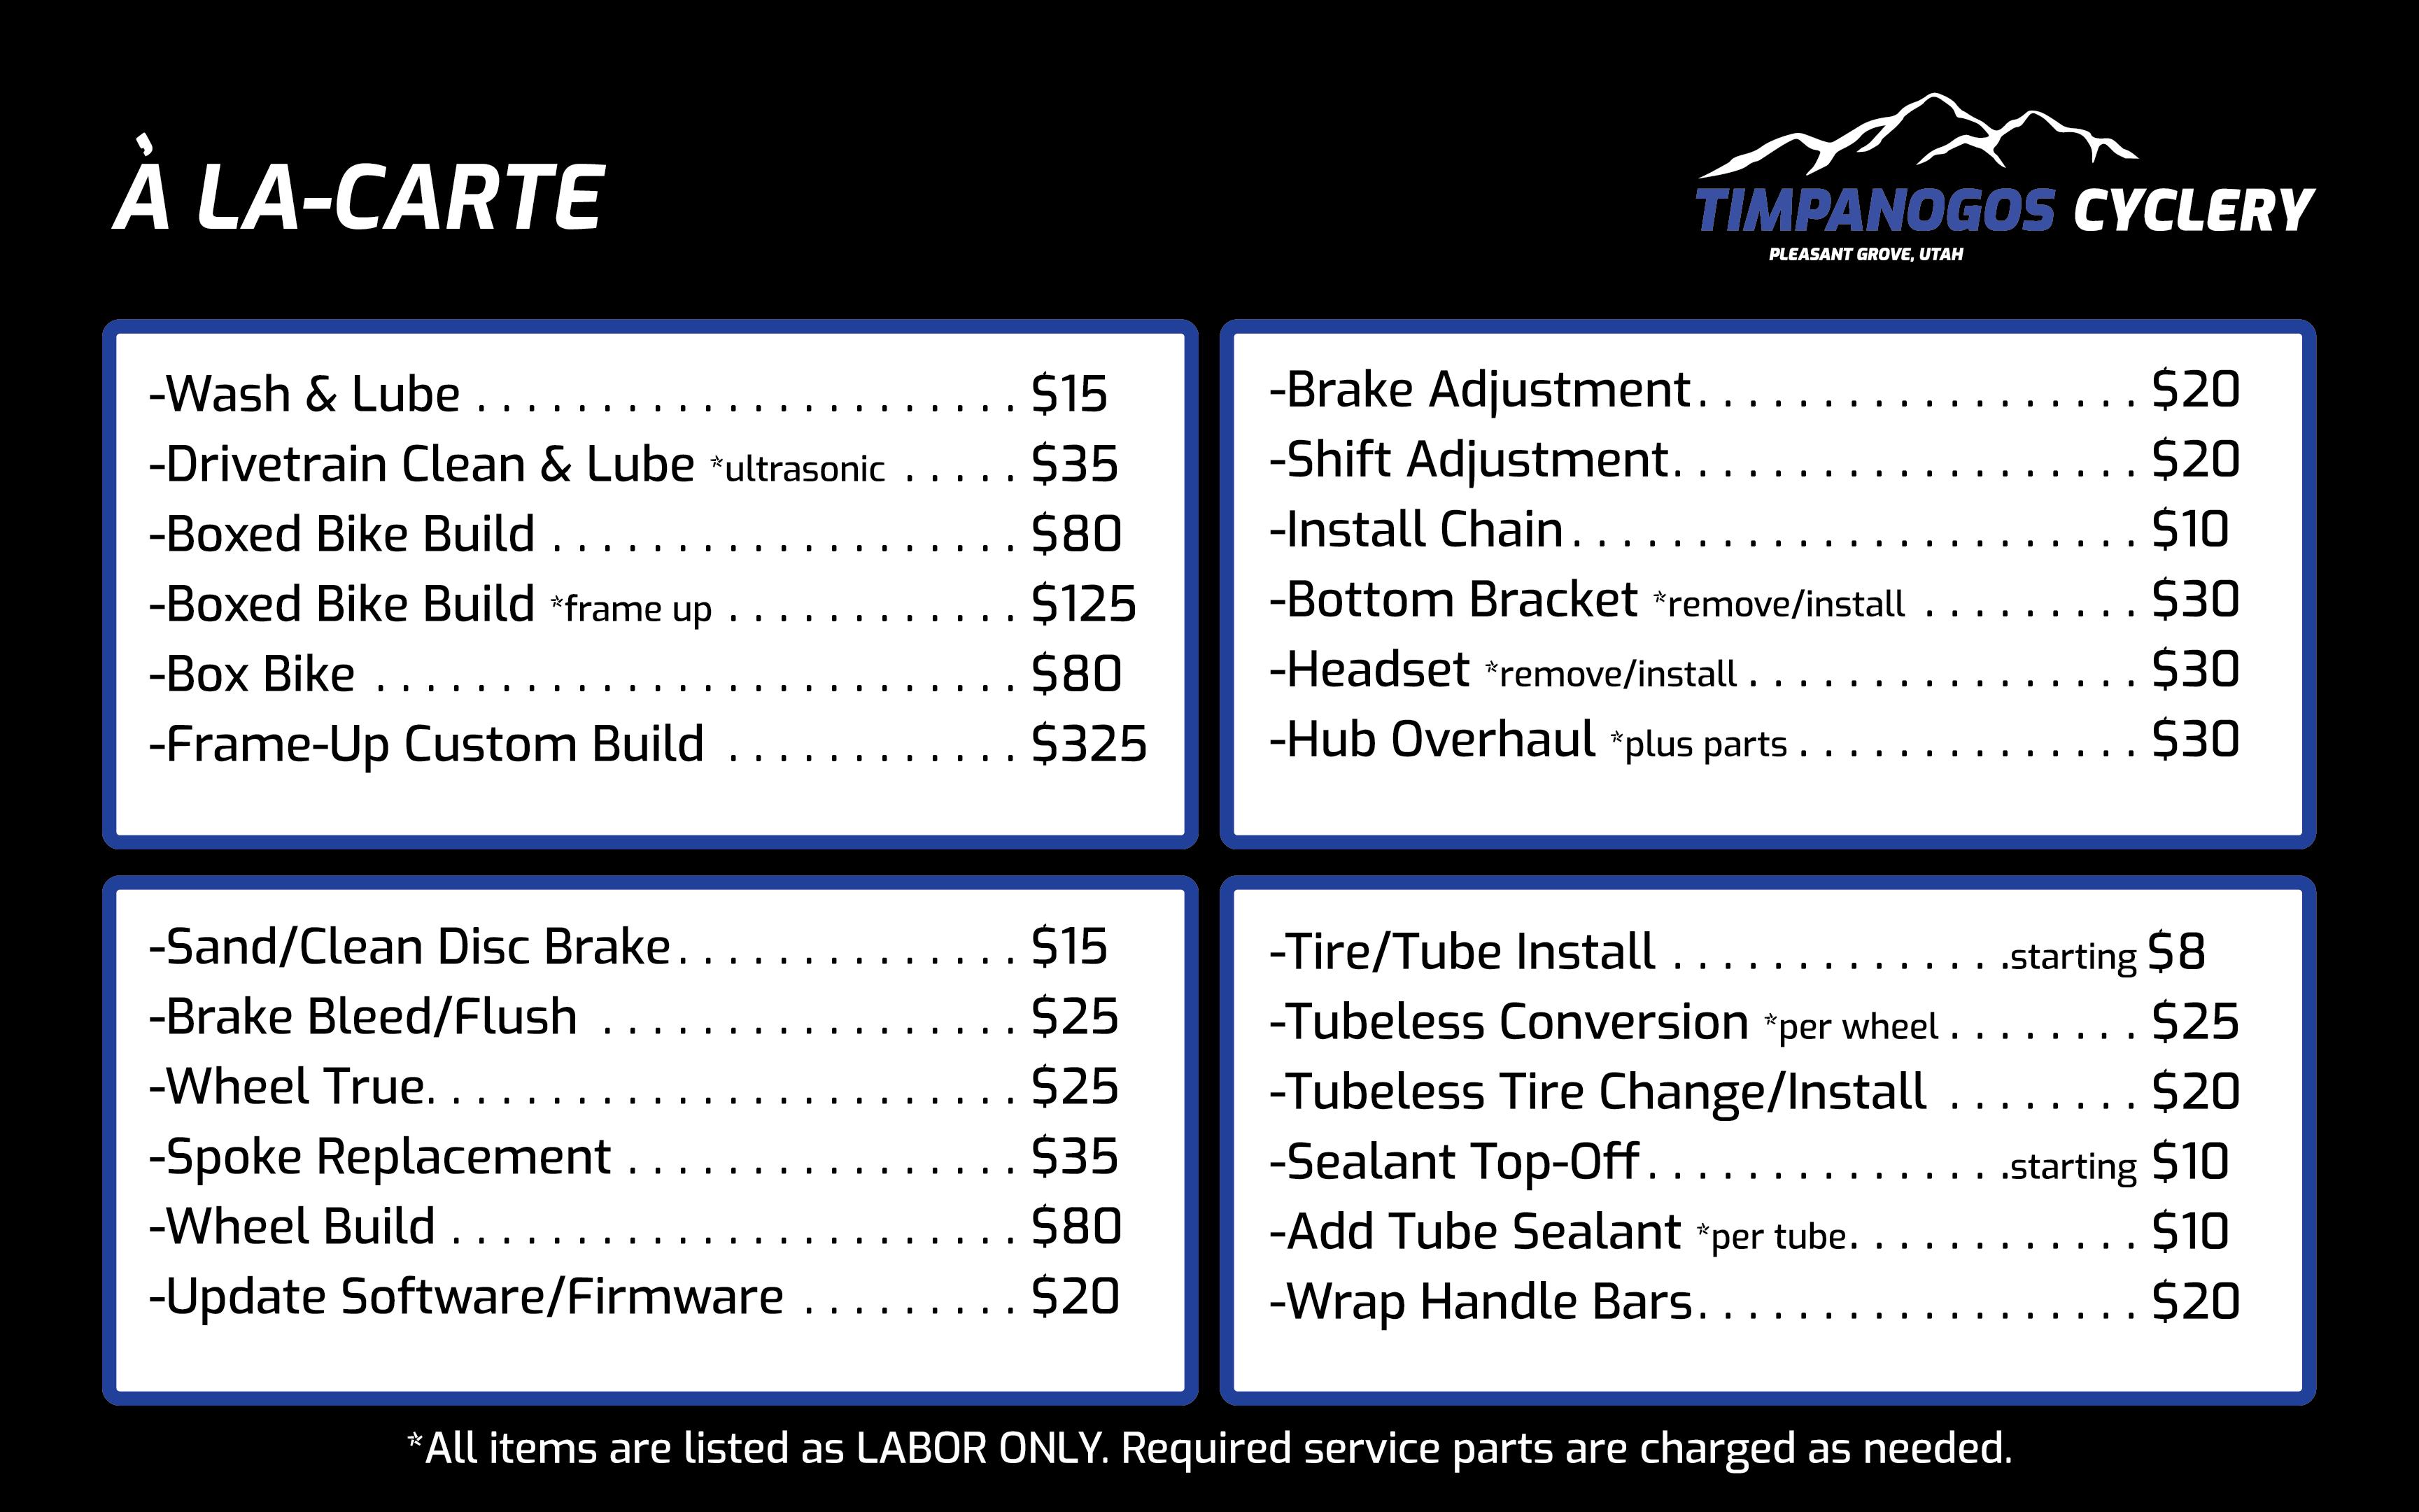 A La-Carte pricing for bike services